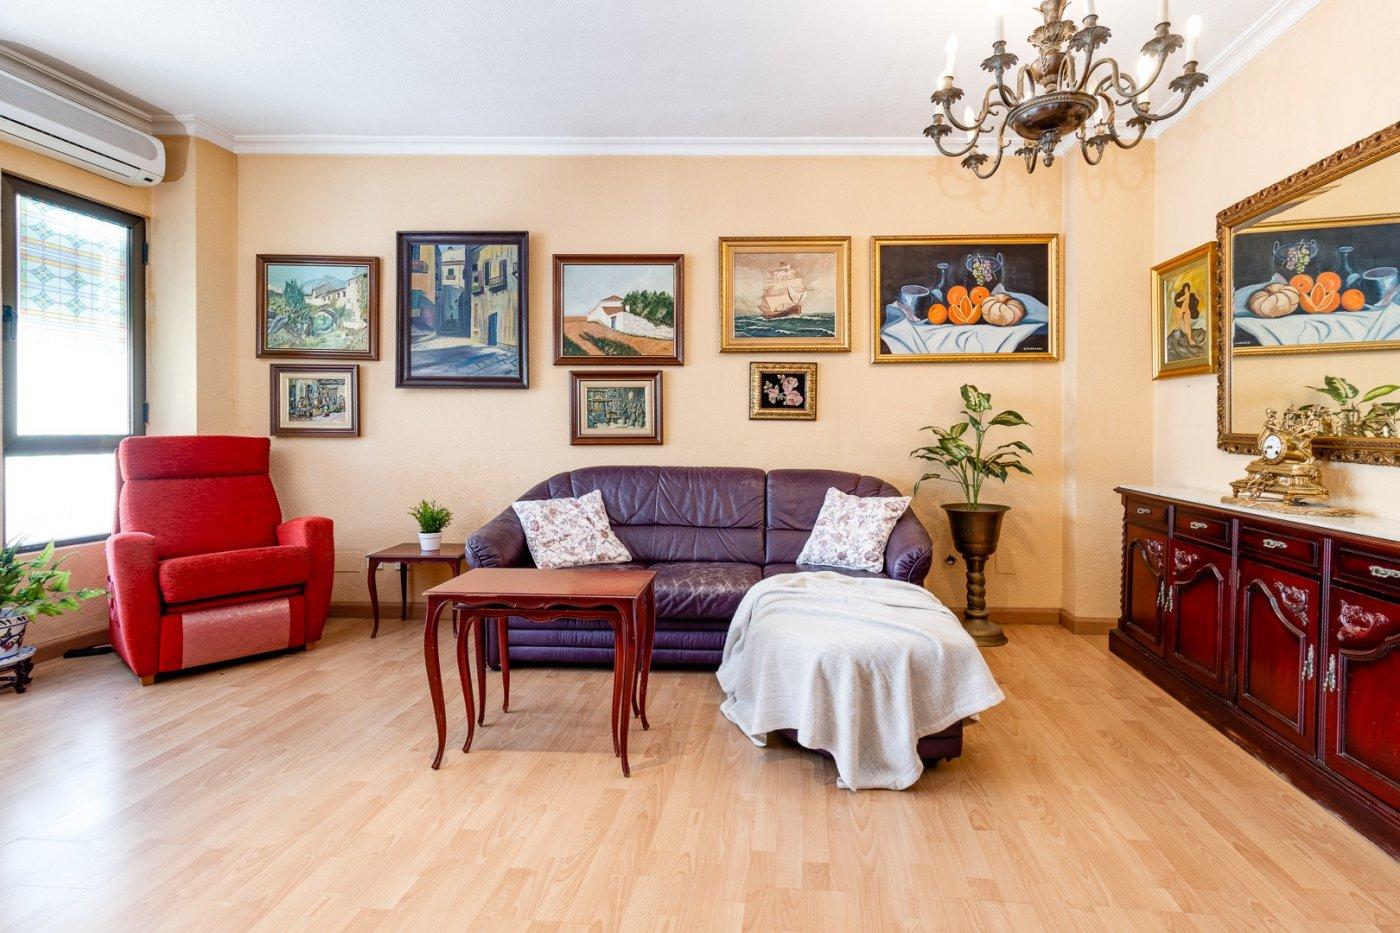 Apartamento · Torrevieja · Centro 110.000€€